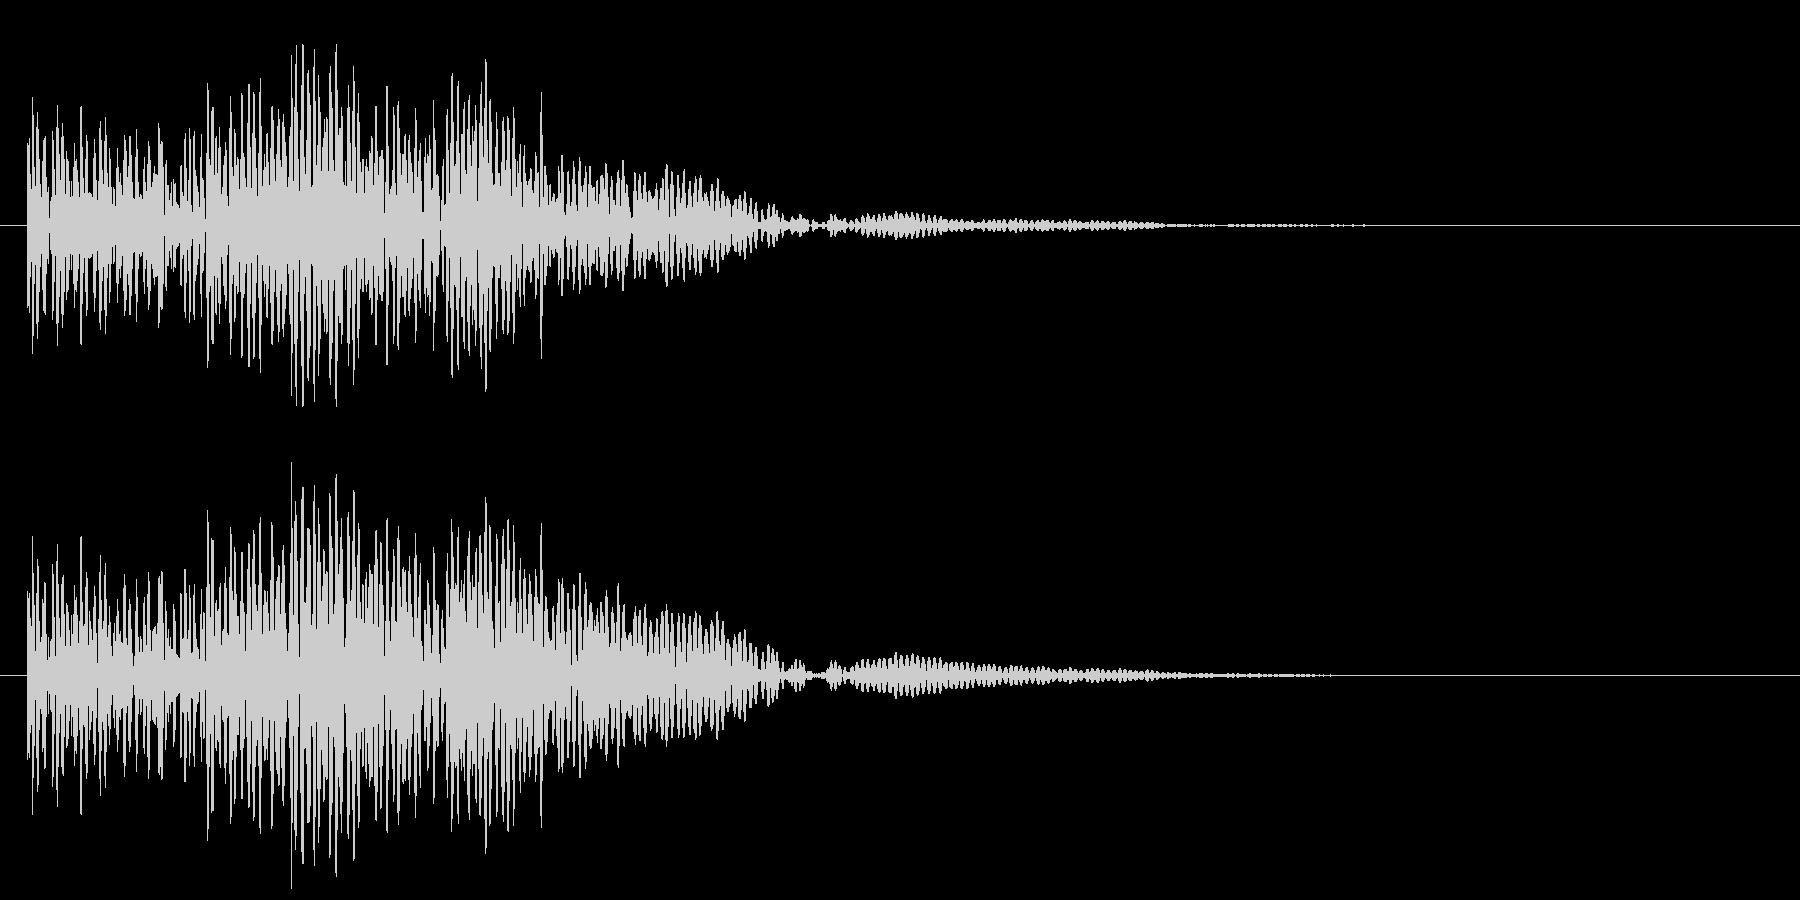 太鼓の連打 和風な転回音 場面転換の未再生の波形